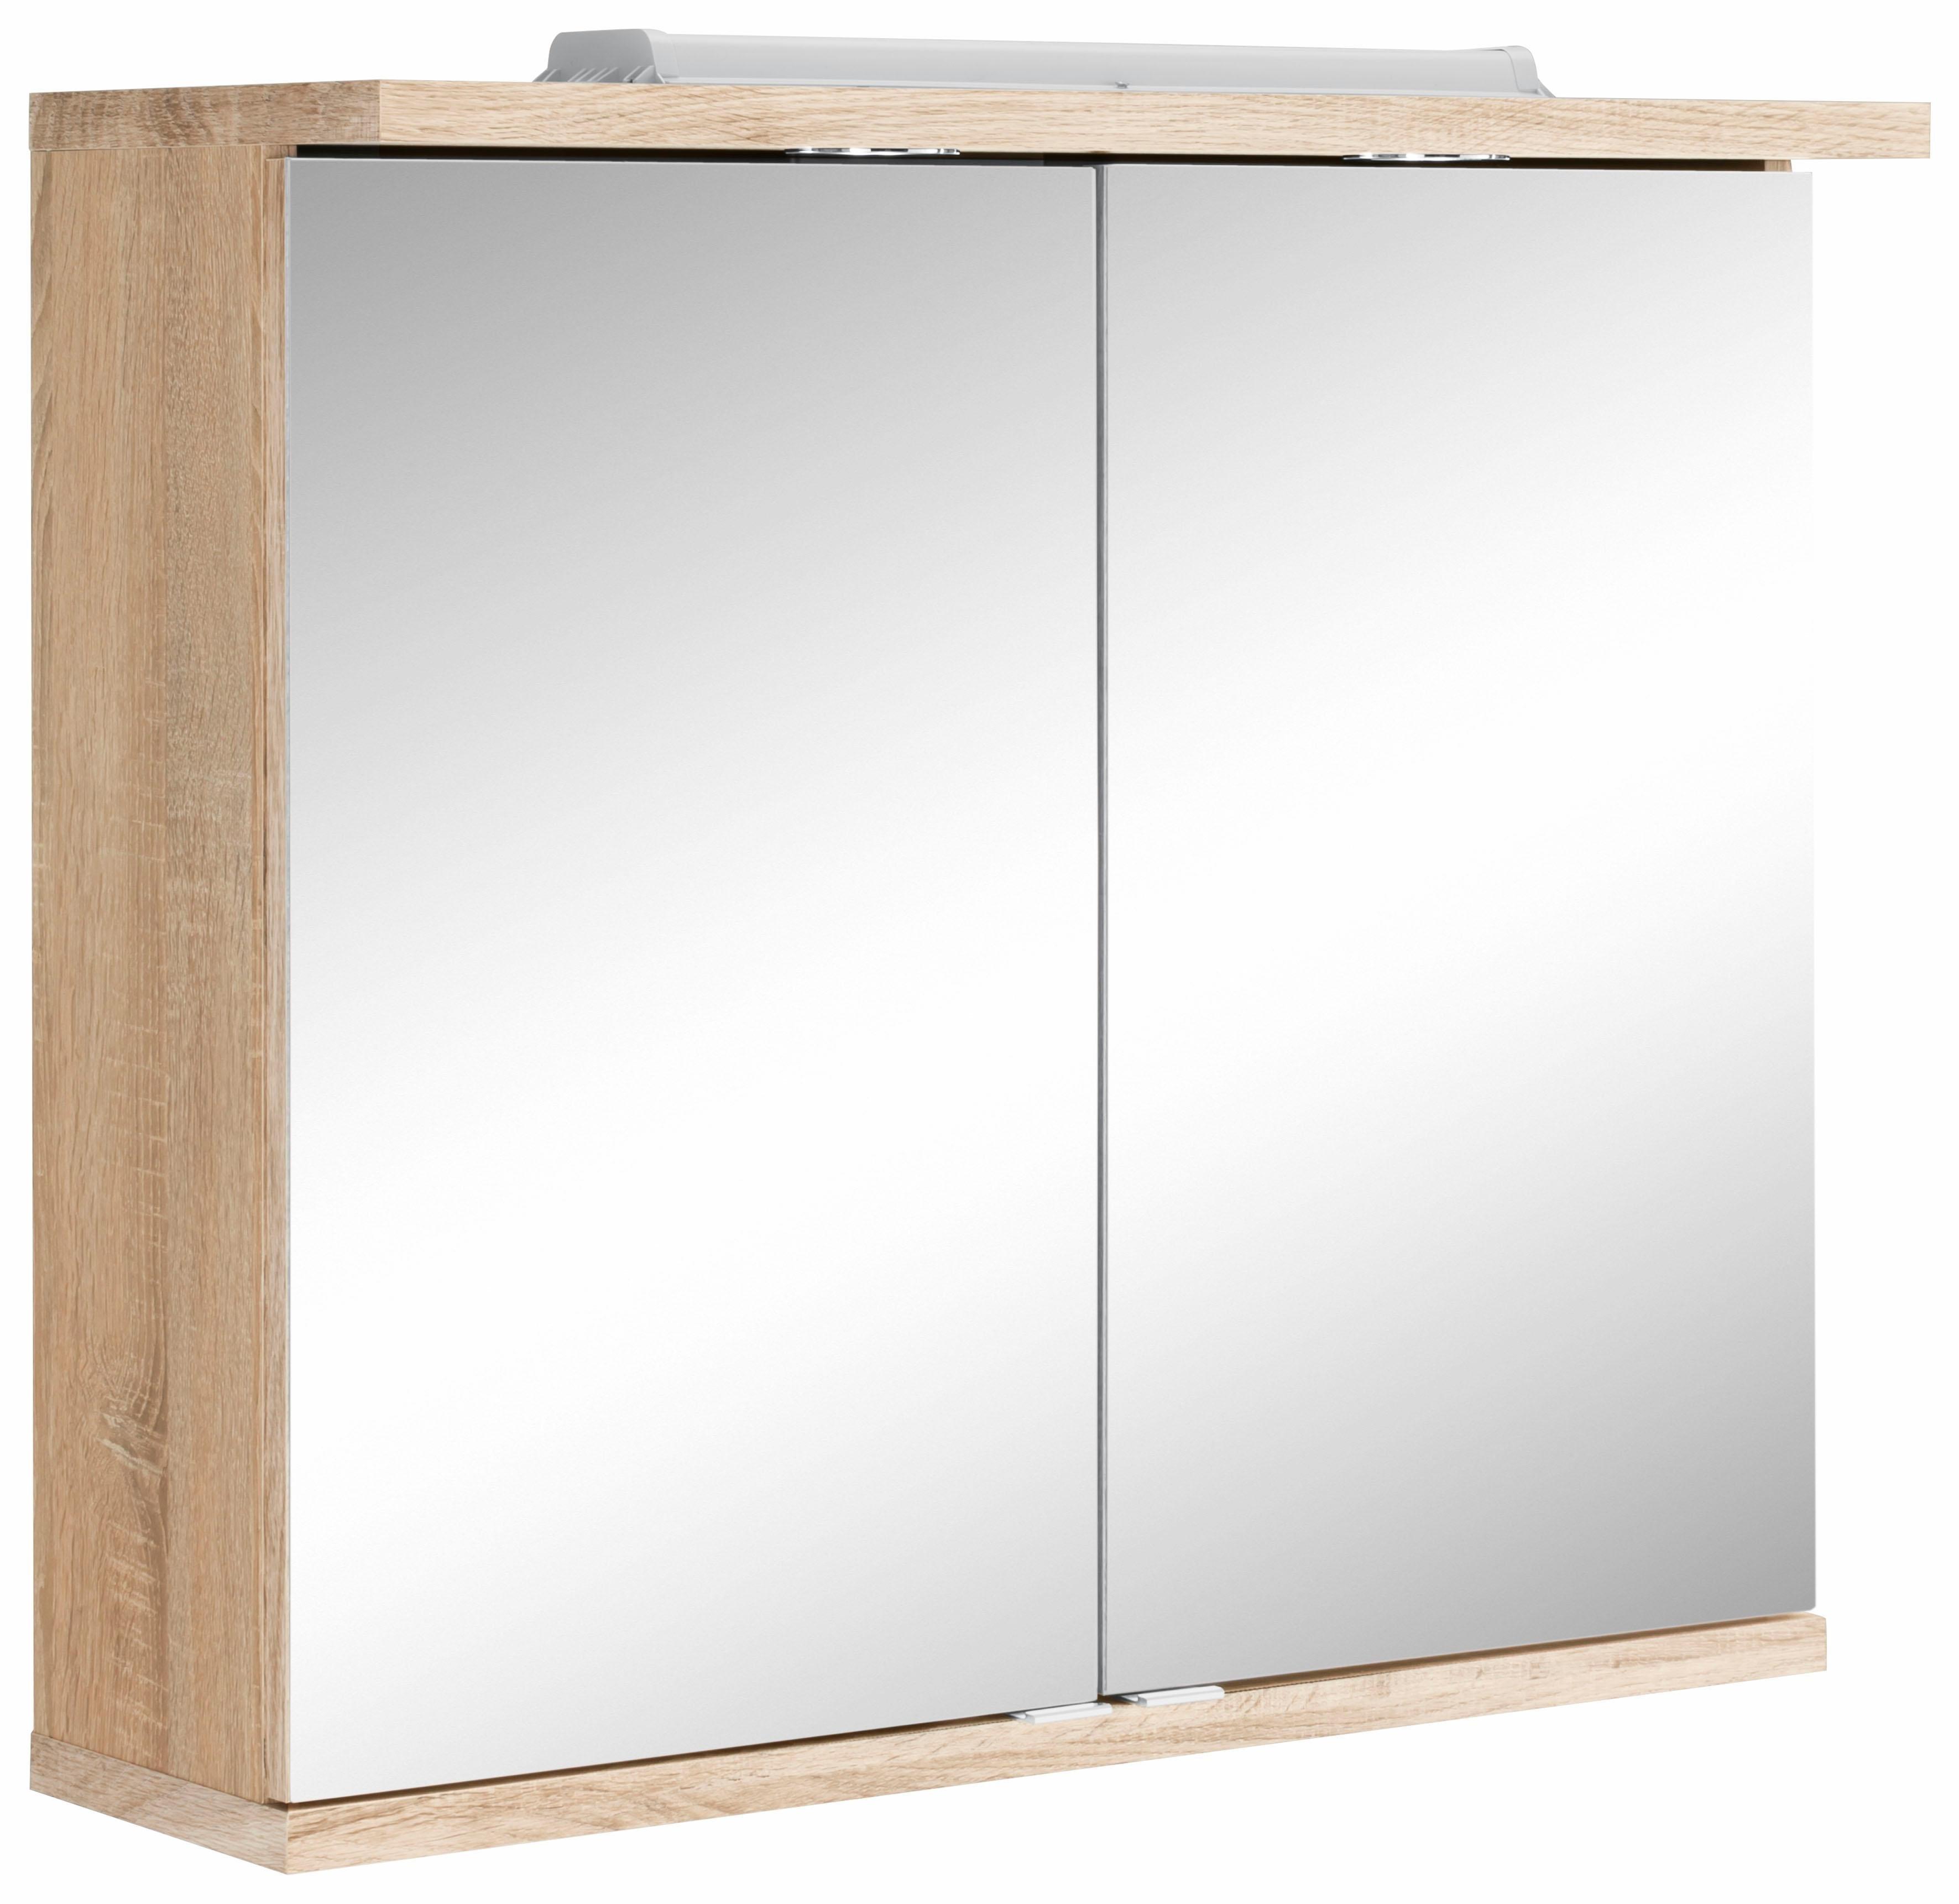 Homexperts WELLTIME spiegelkast »Nusa« met LED-verlichting - verschillende betaalmethodes